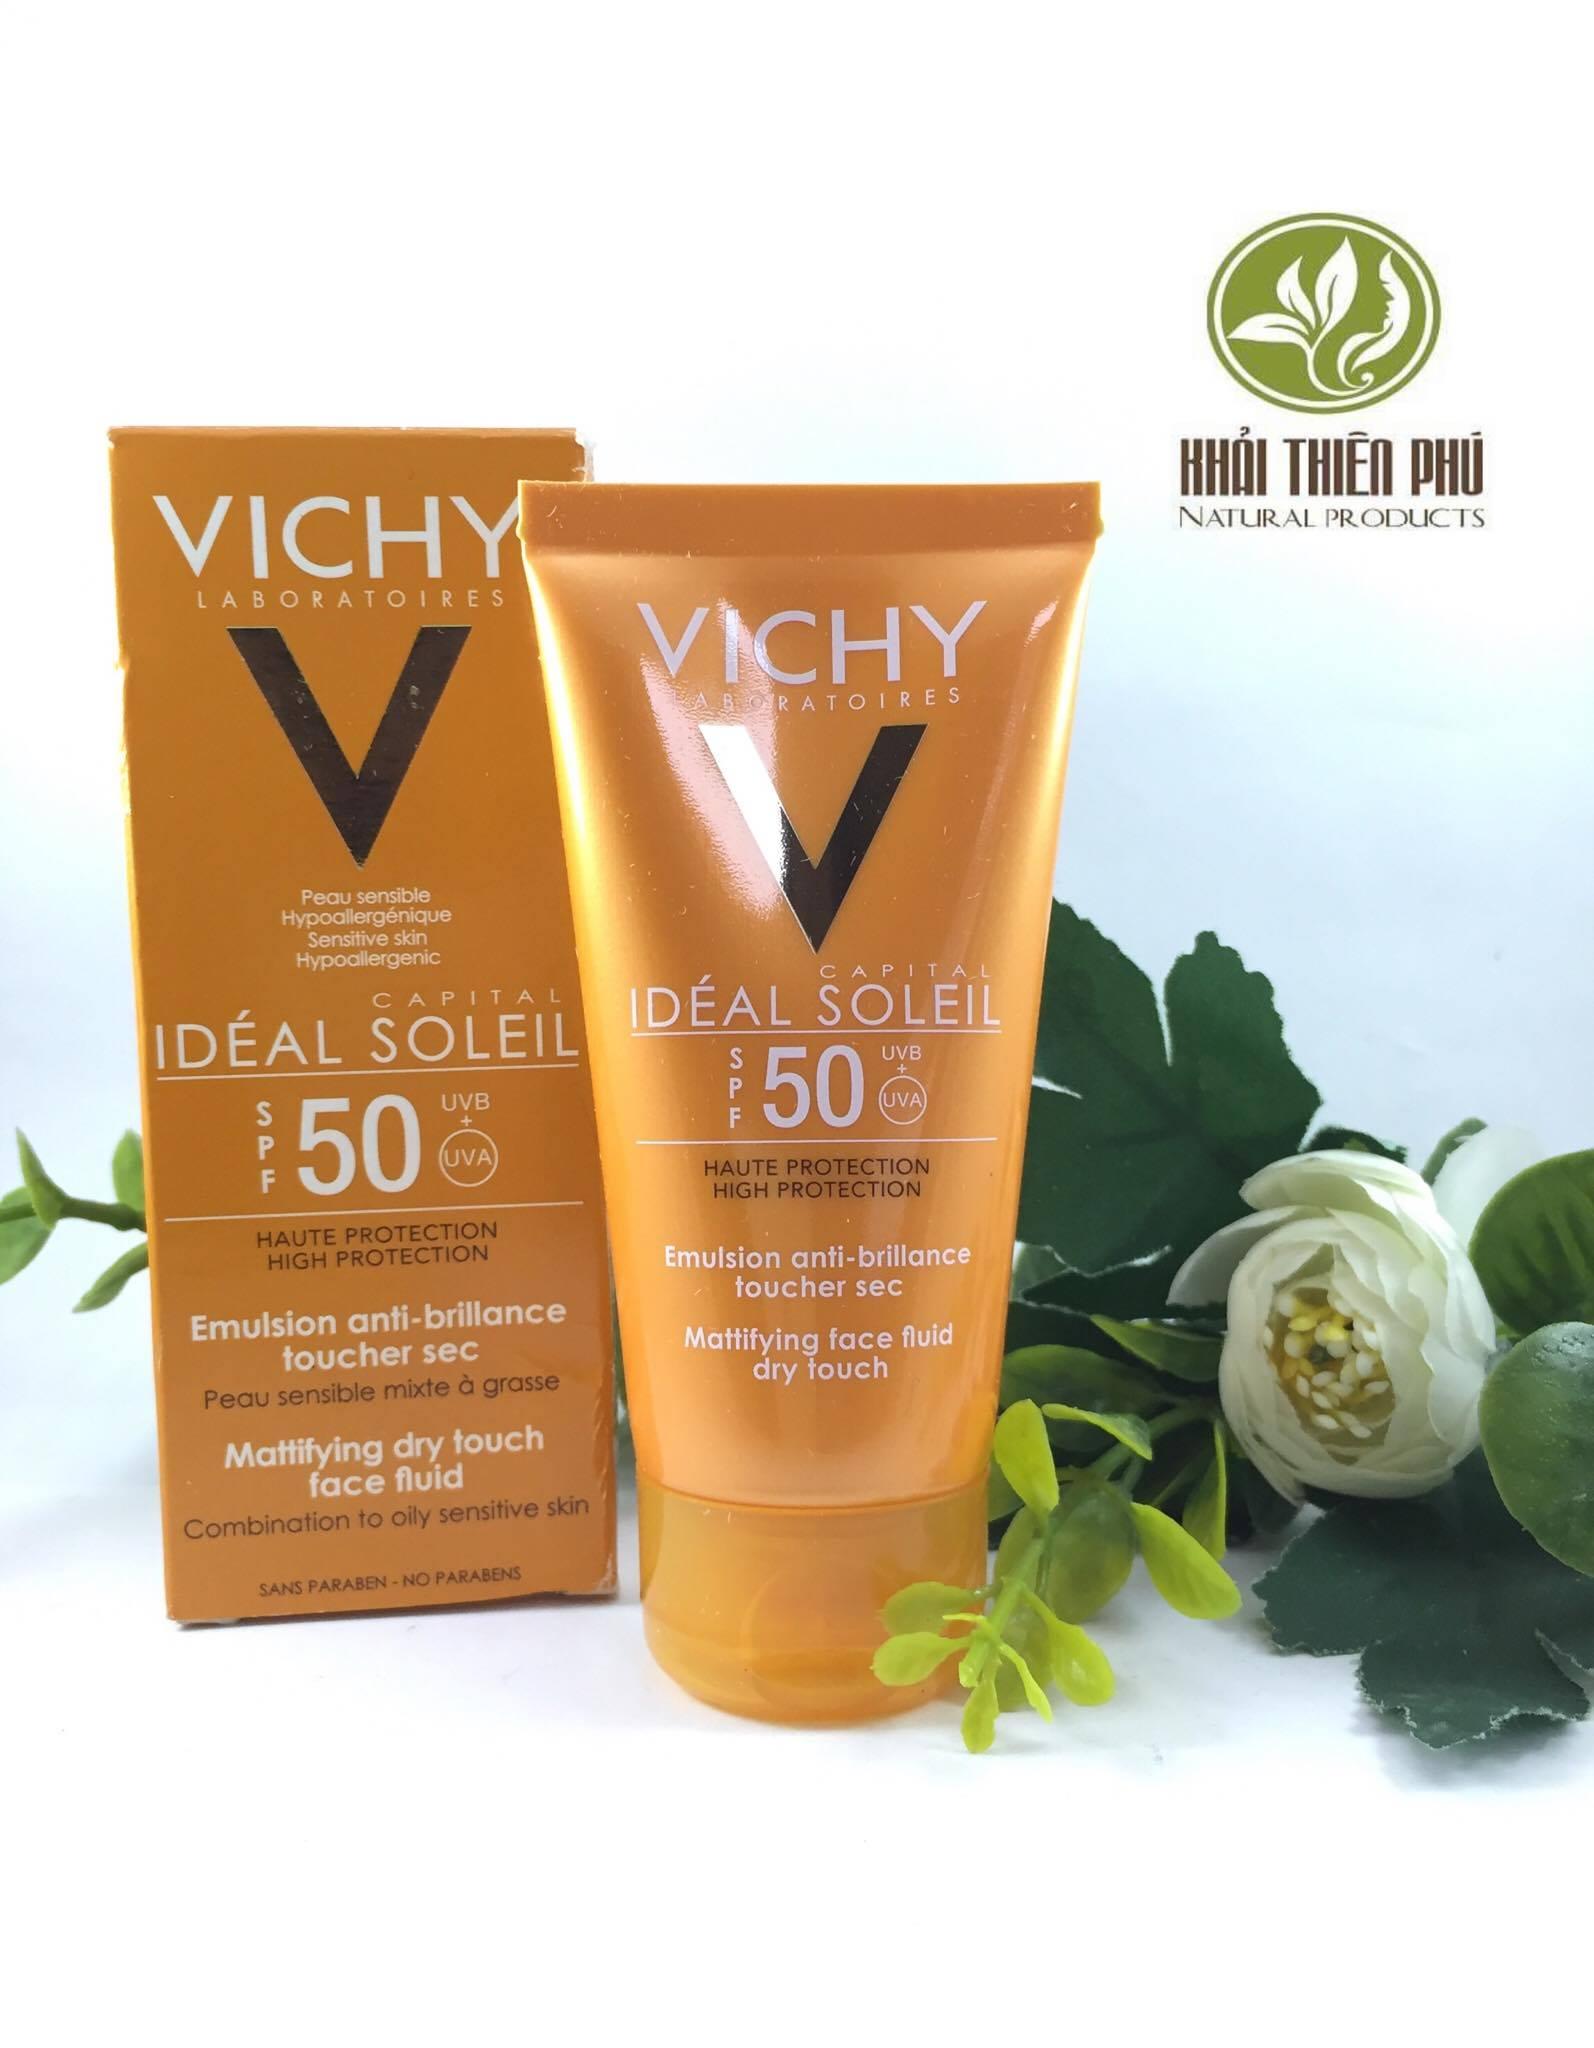 So Sánh 3 Loại Kem Chống Nắng Vichy, Avene, La Roche Posay